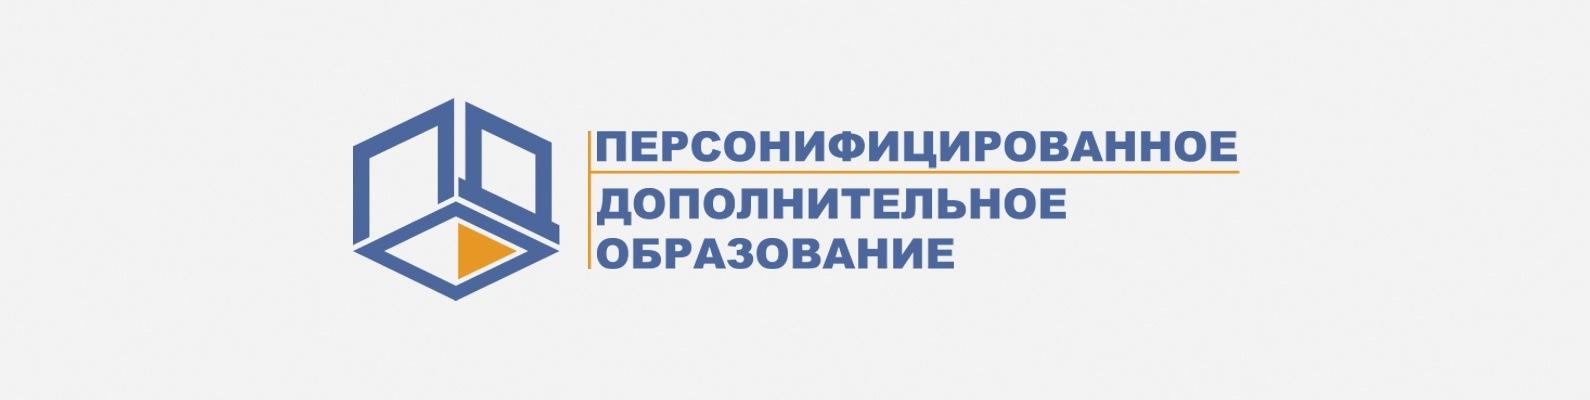 Система ПФДО | ХМАО-Югра | ВКонтакте